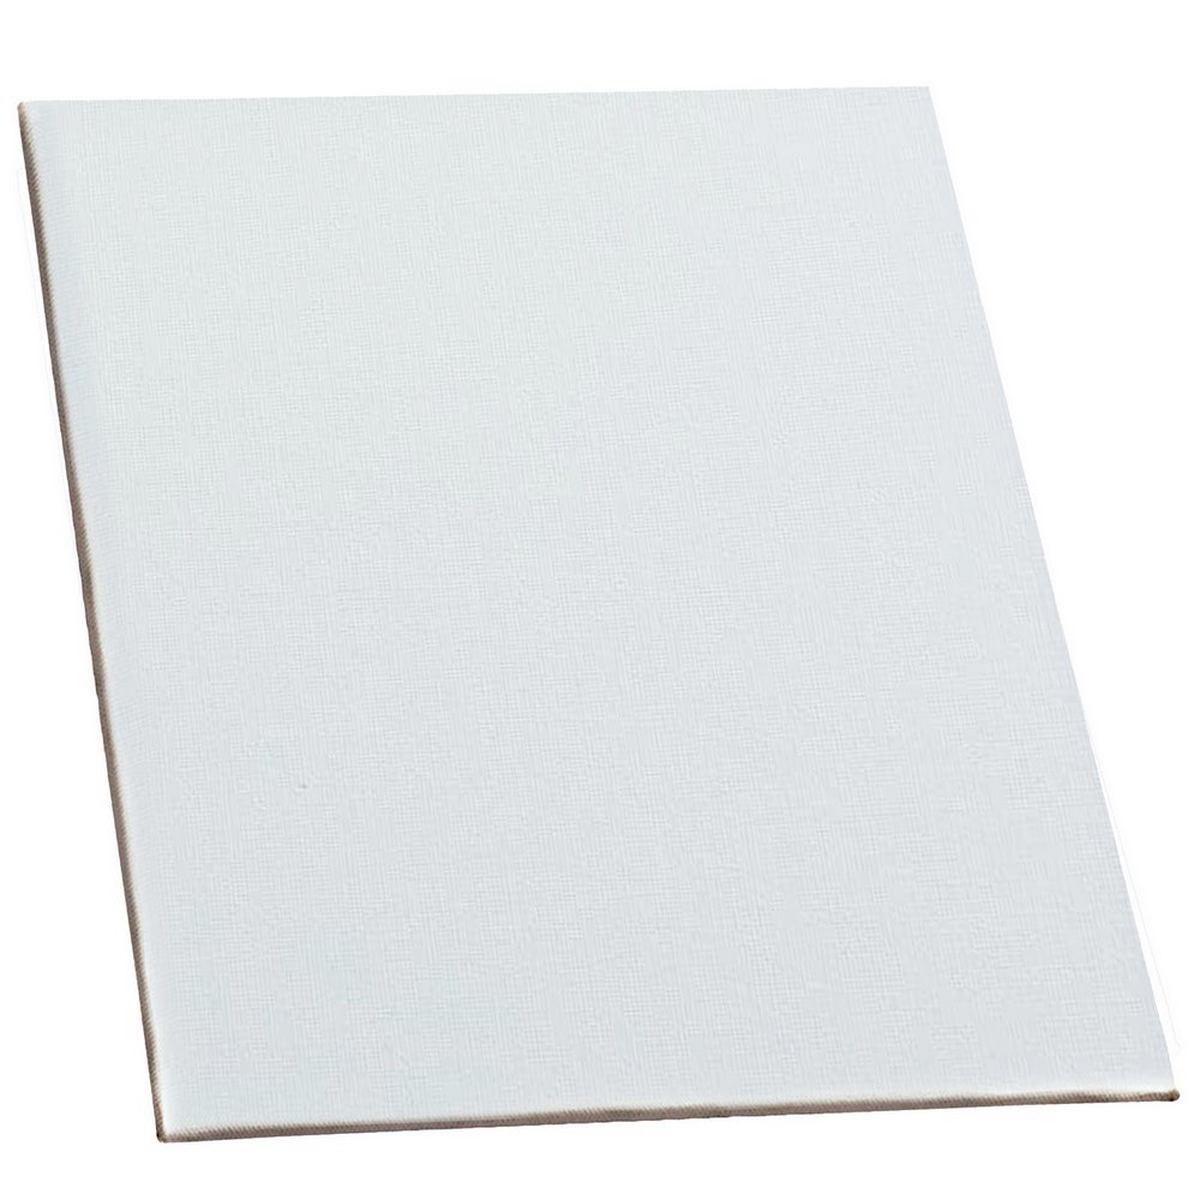 MDF White Canvas Board Size: 12.7 X 17.8 cm (5x7 Inches)